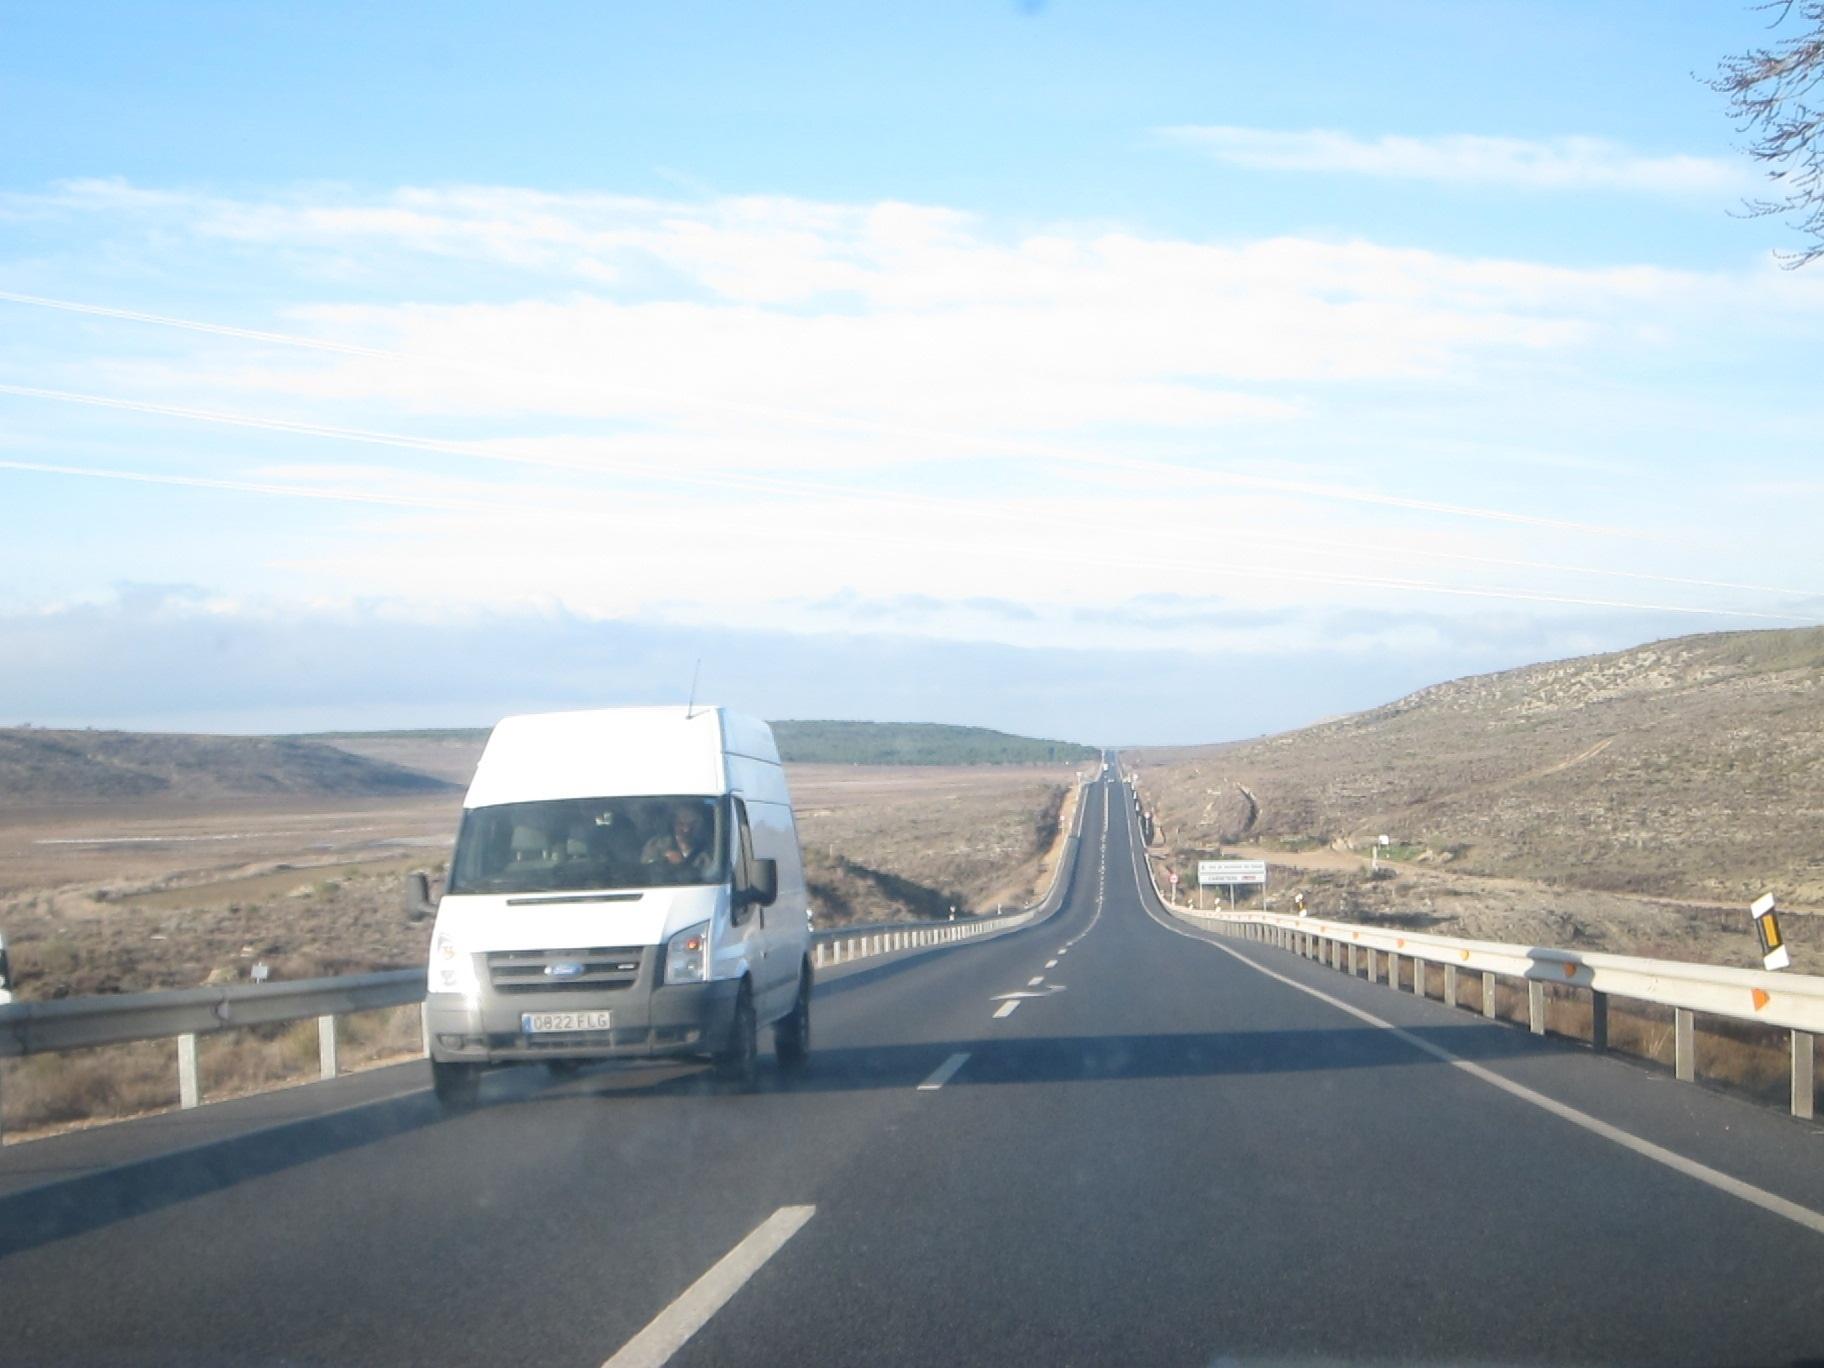 Realizar una puesta a punto del vehículo y circular con el depósito de combustible lleno, consejos del 112 para viajes